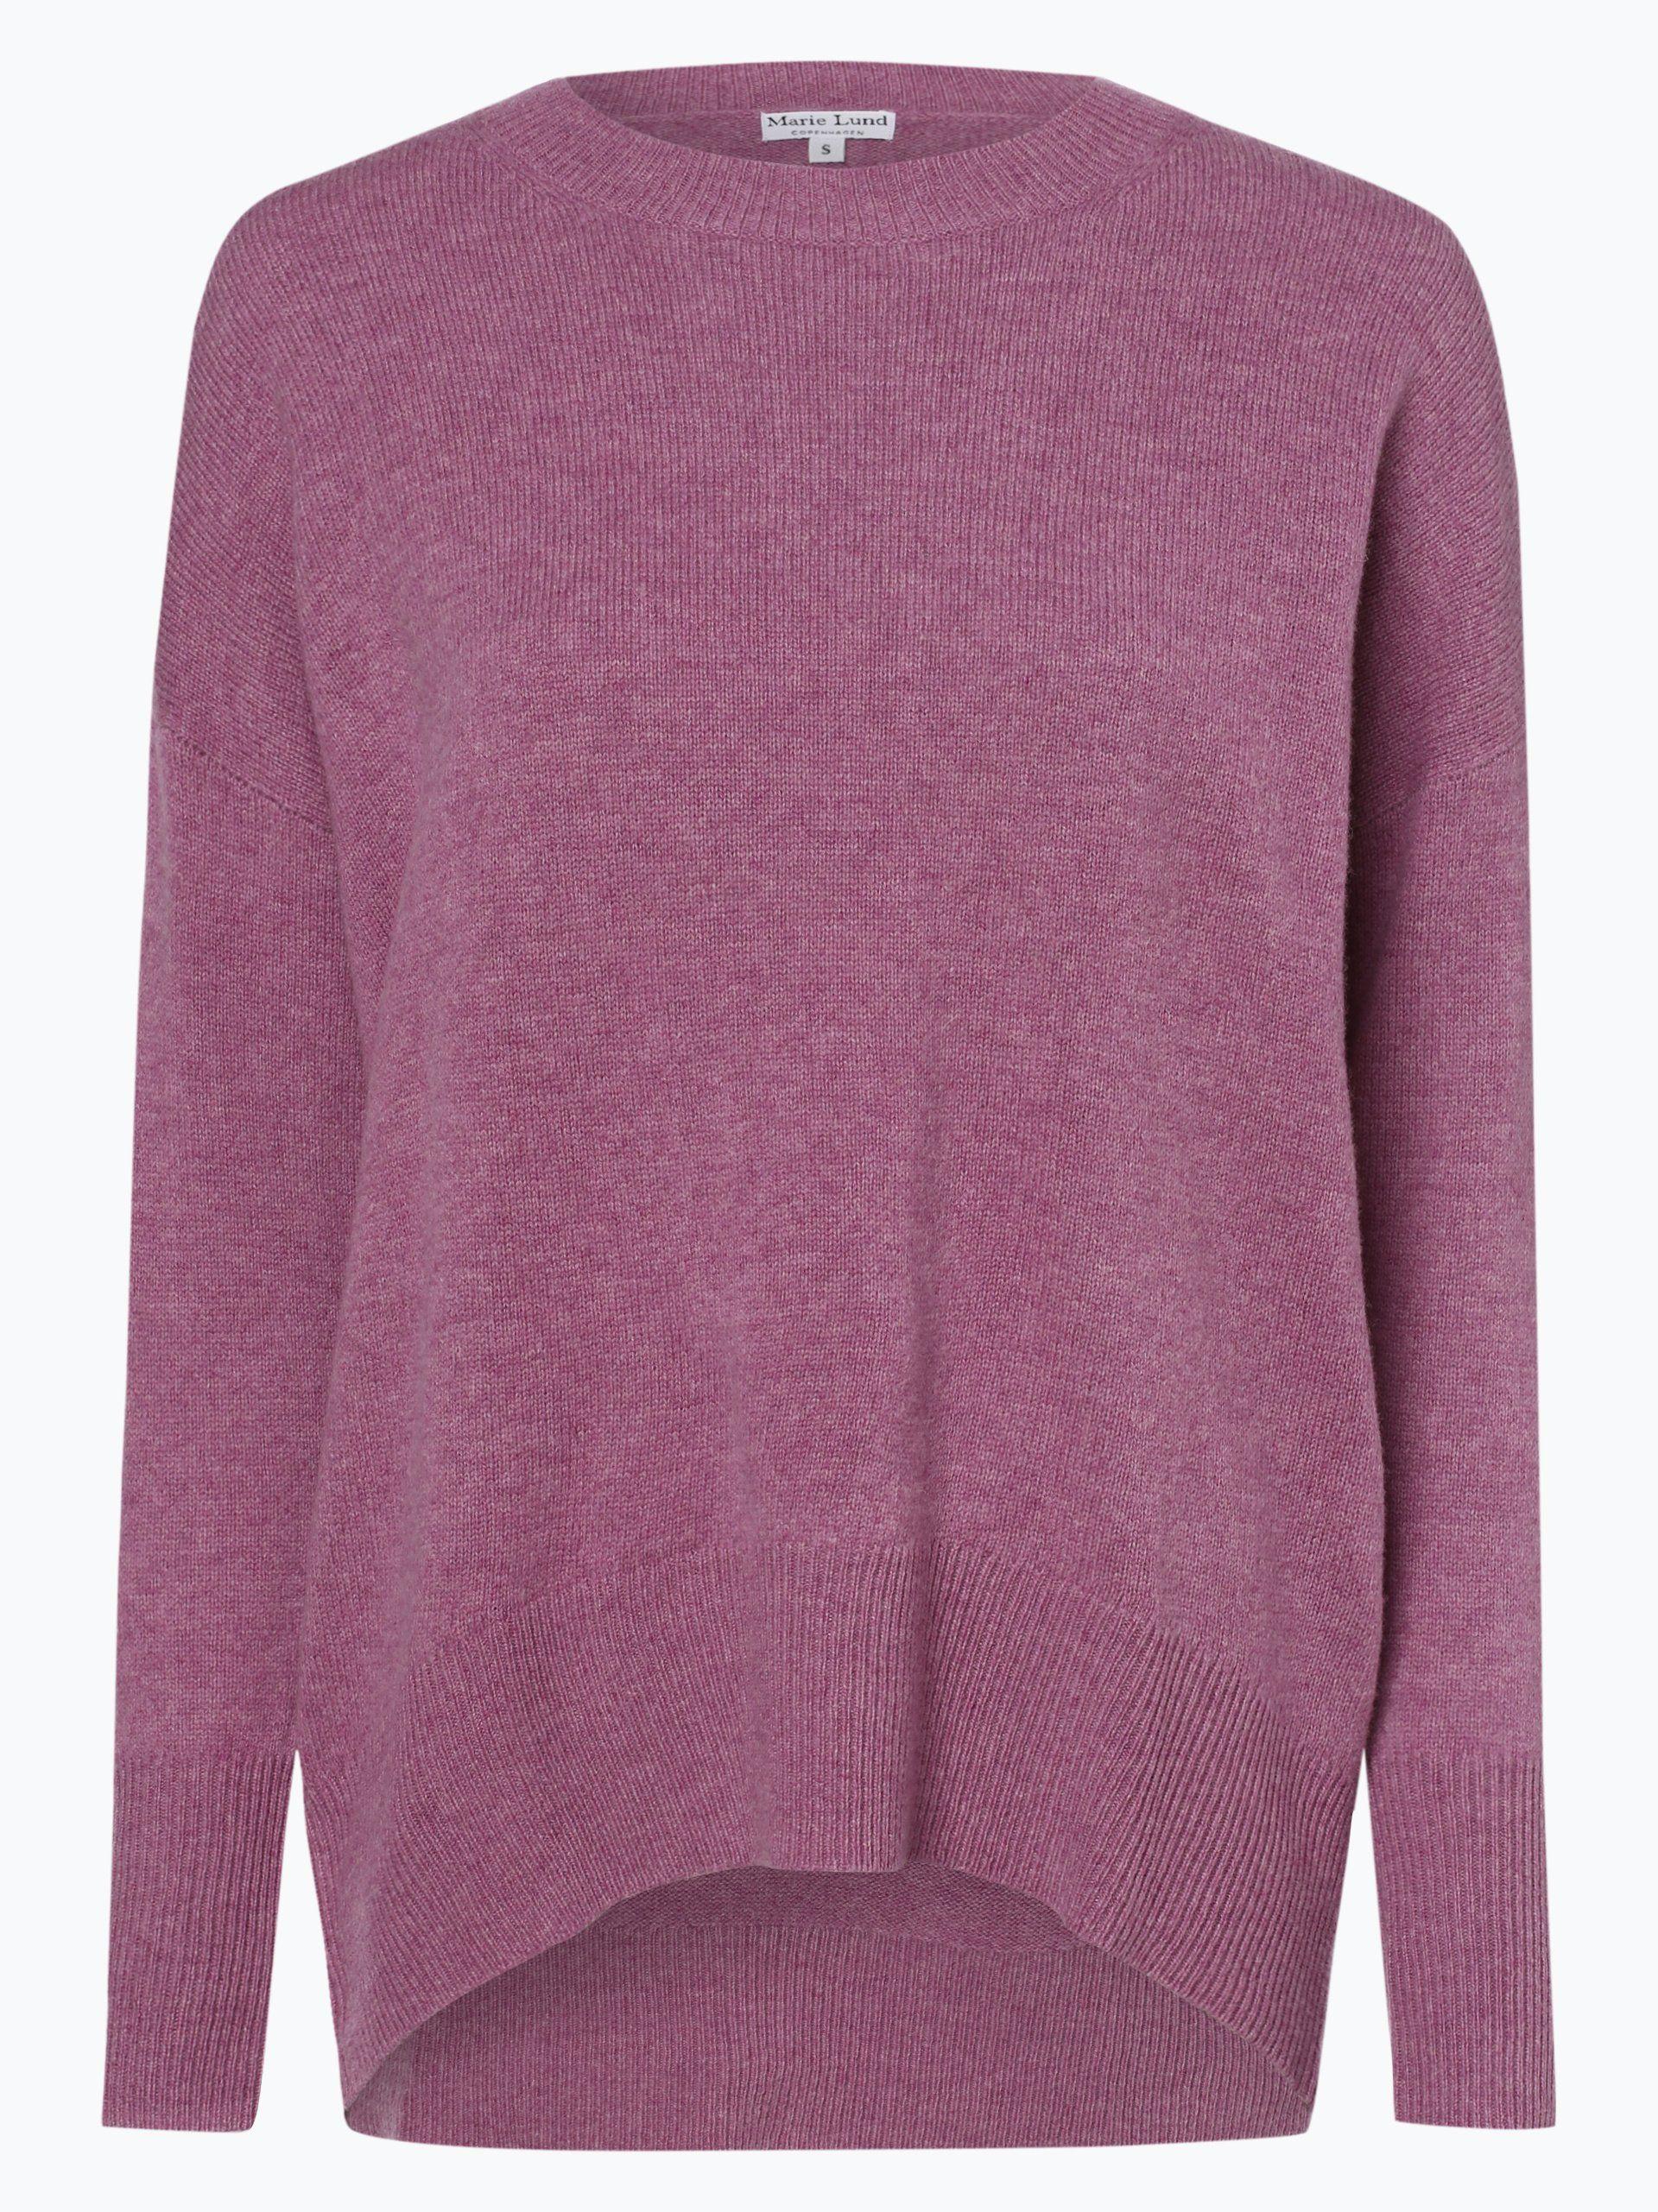 473079f02c9245 Damski sweter z wełny merino | Kapsułka | Lund, Sweaters i Pullover